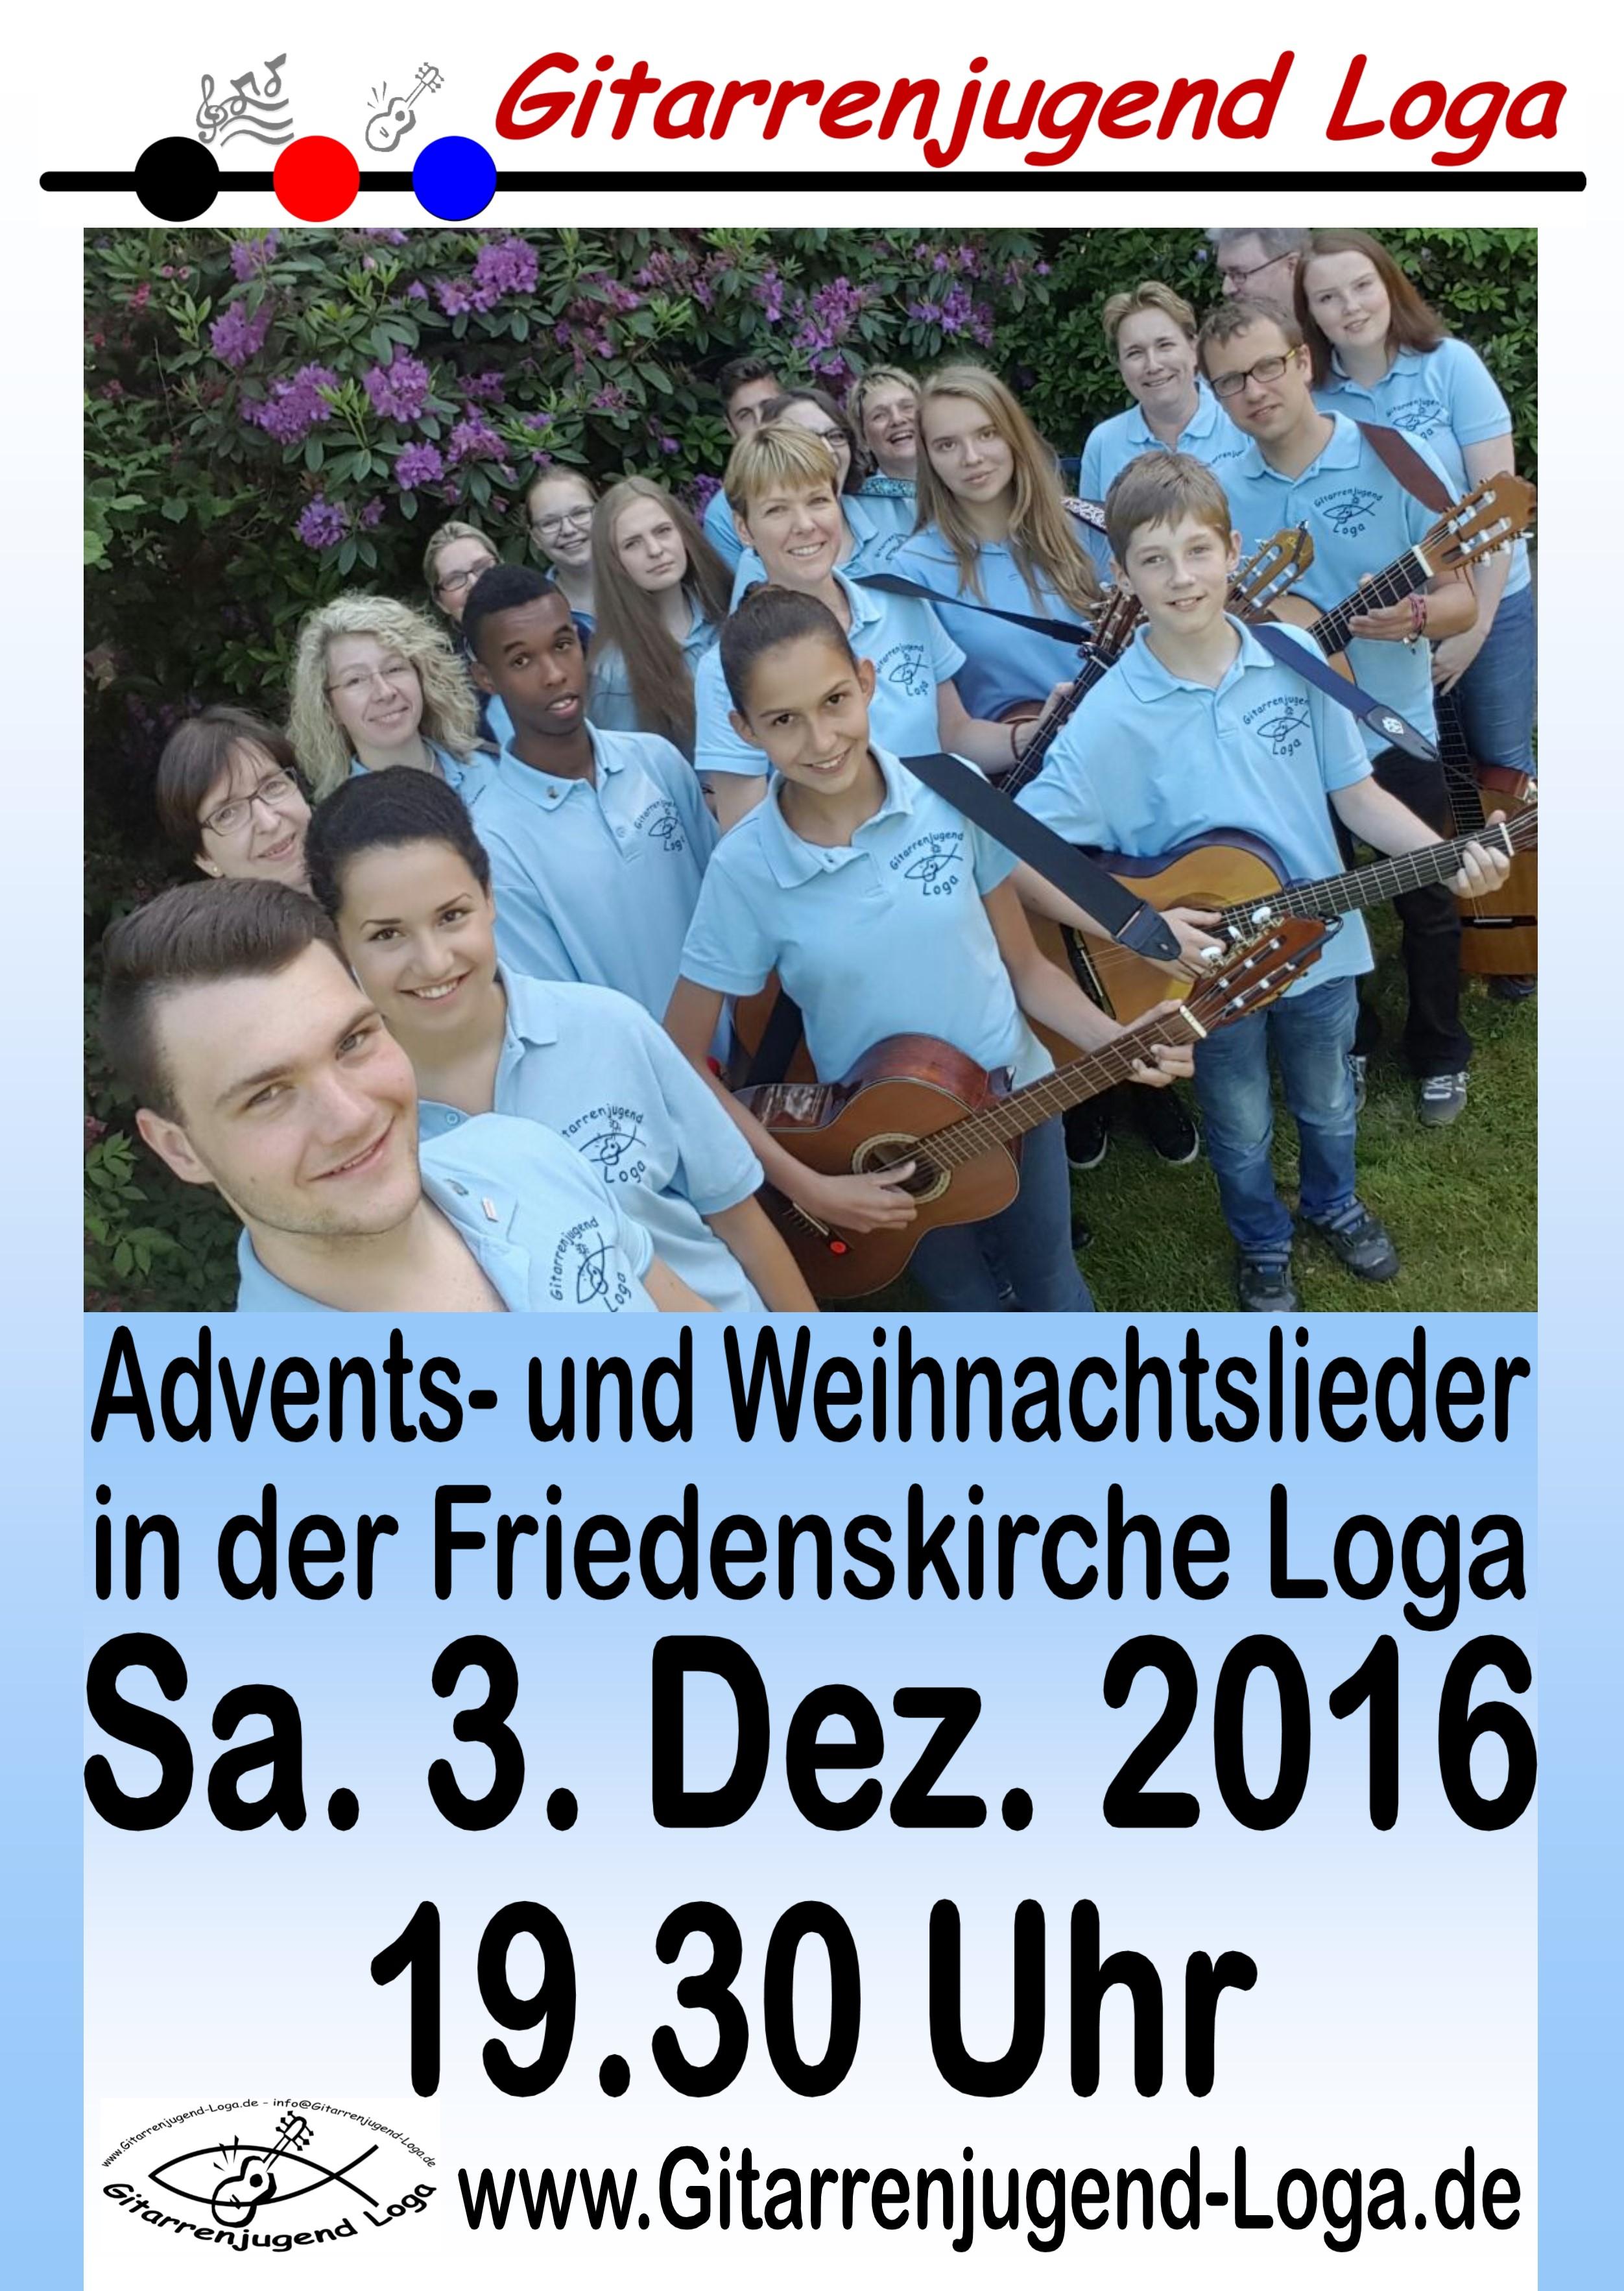 Advents- und Weihnachtslieder in der Friedenskirche Loga – Radio ...